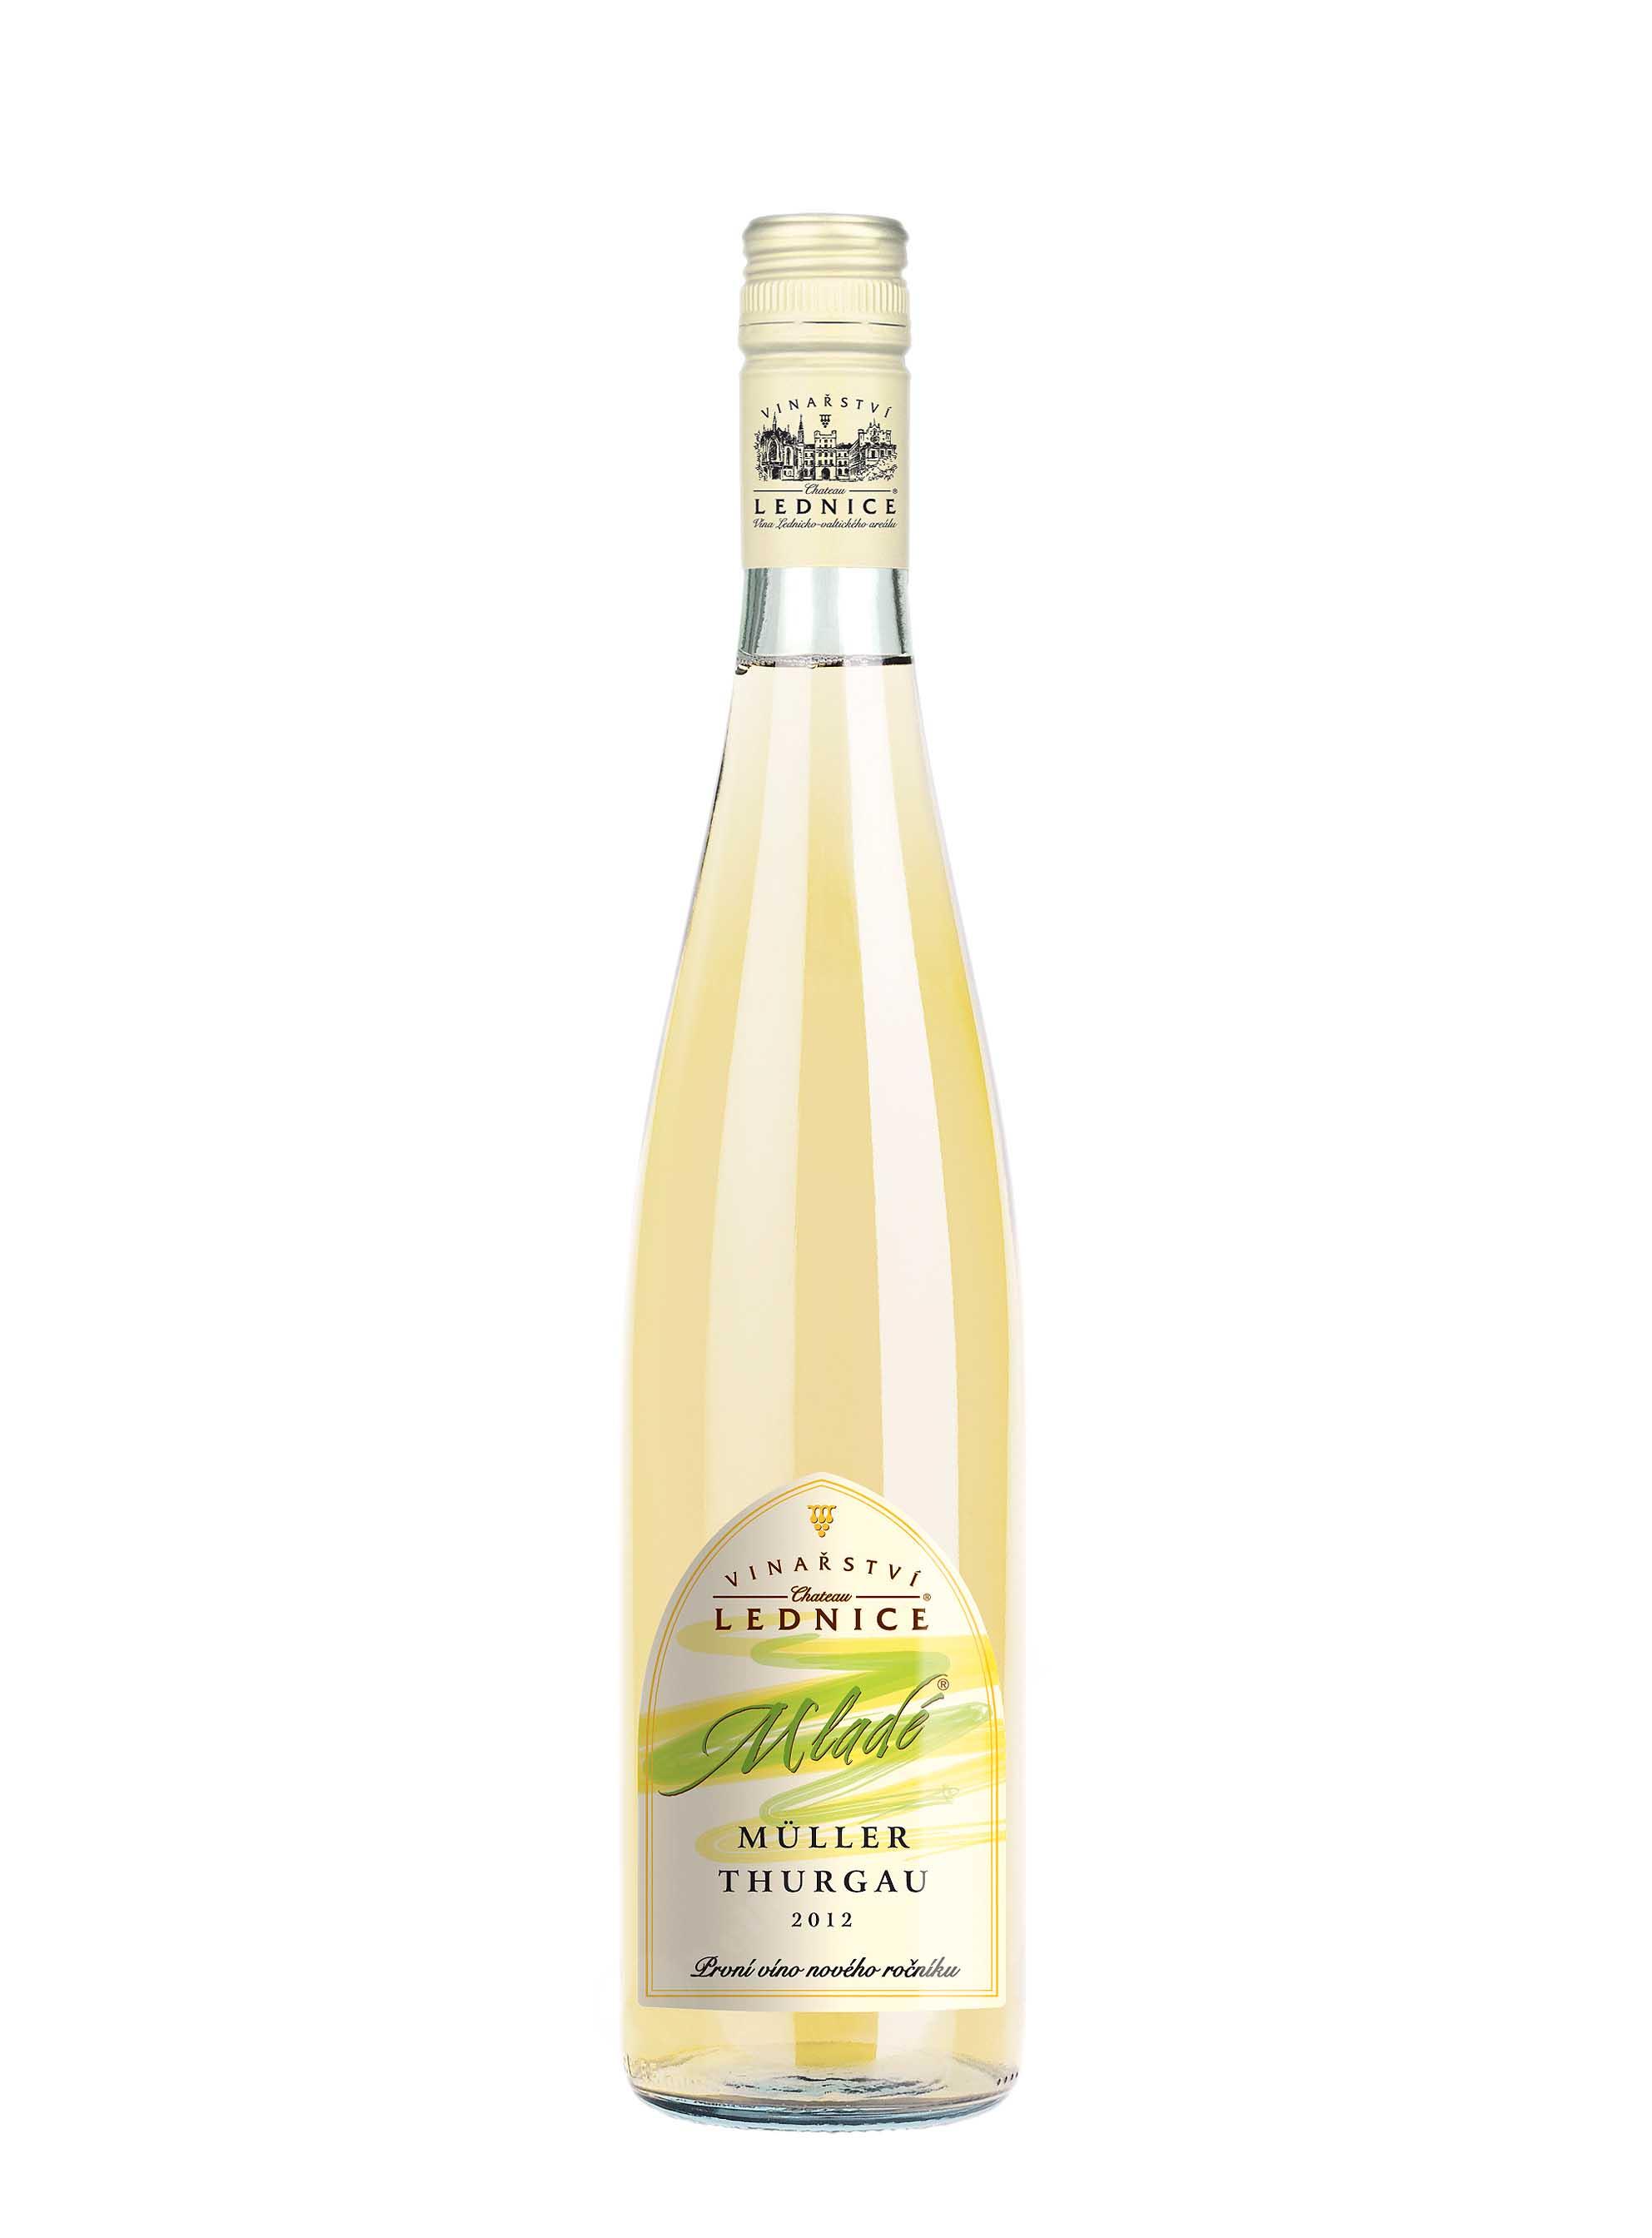 Müller Thurgau, Mladé víno, 2017, Château Lednice, 0.75 l